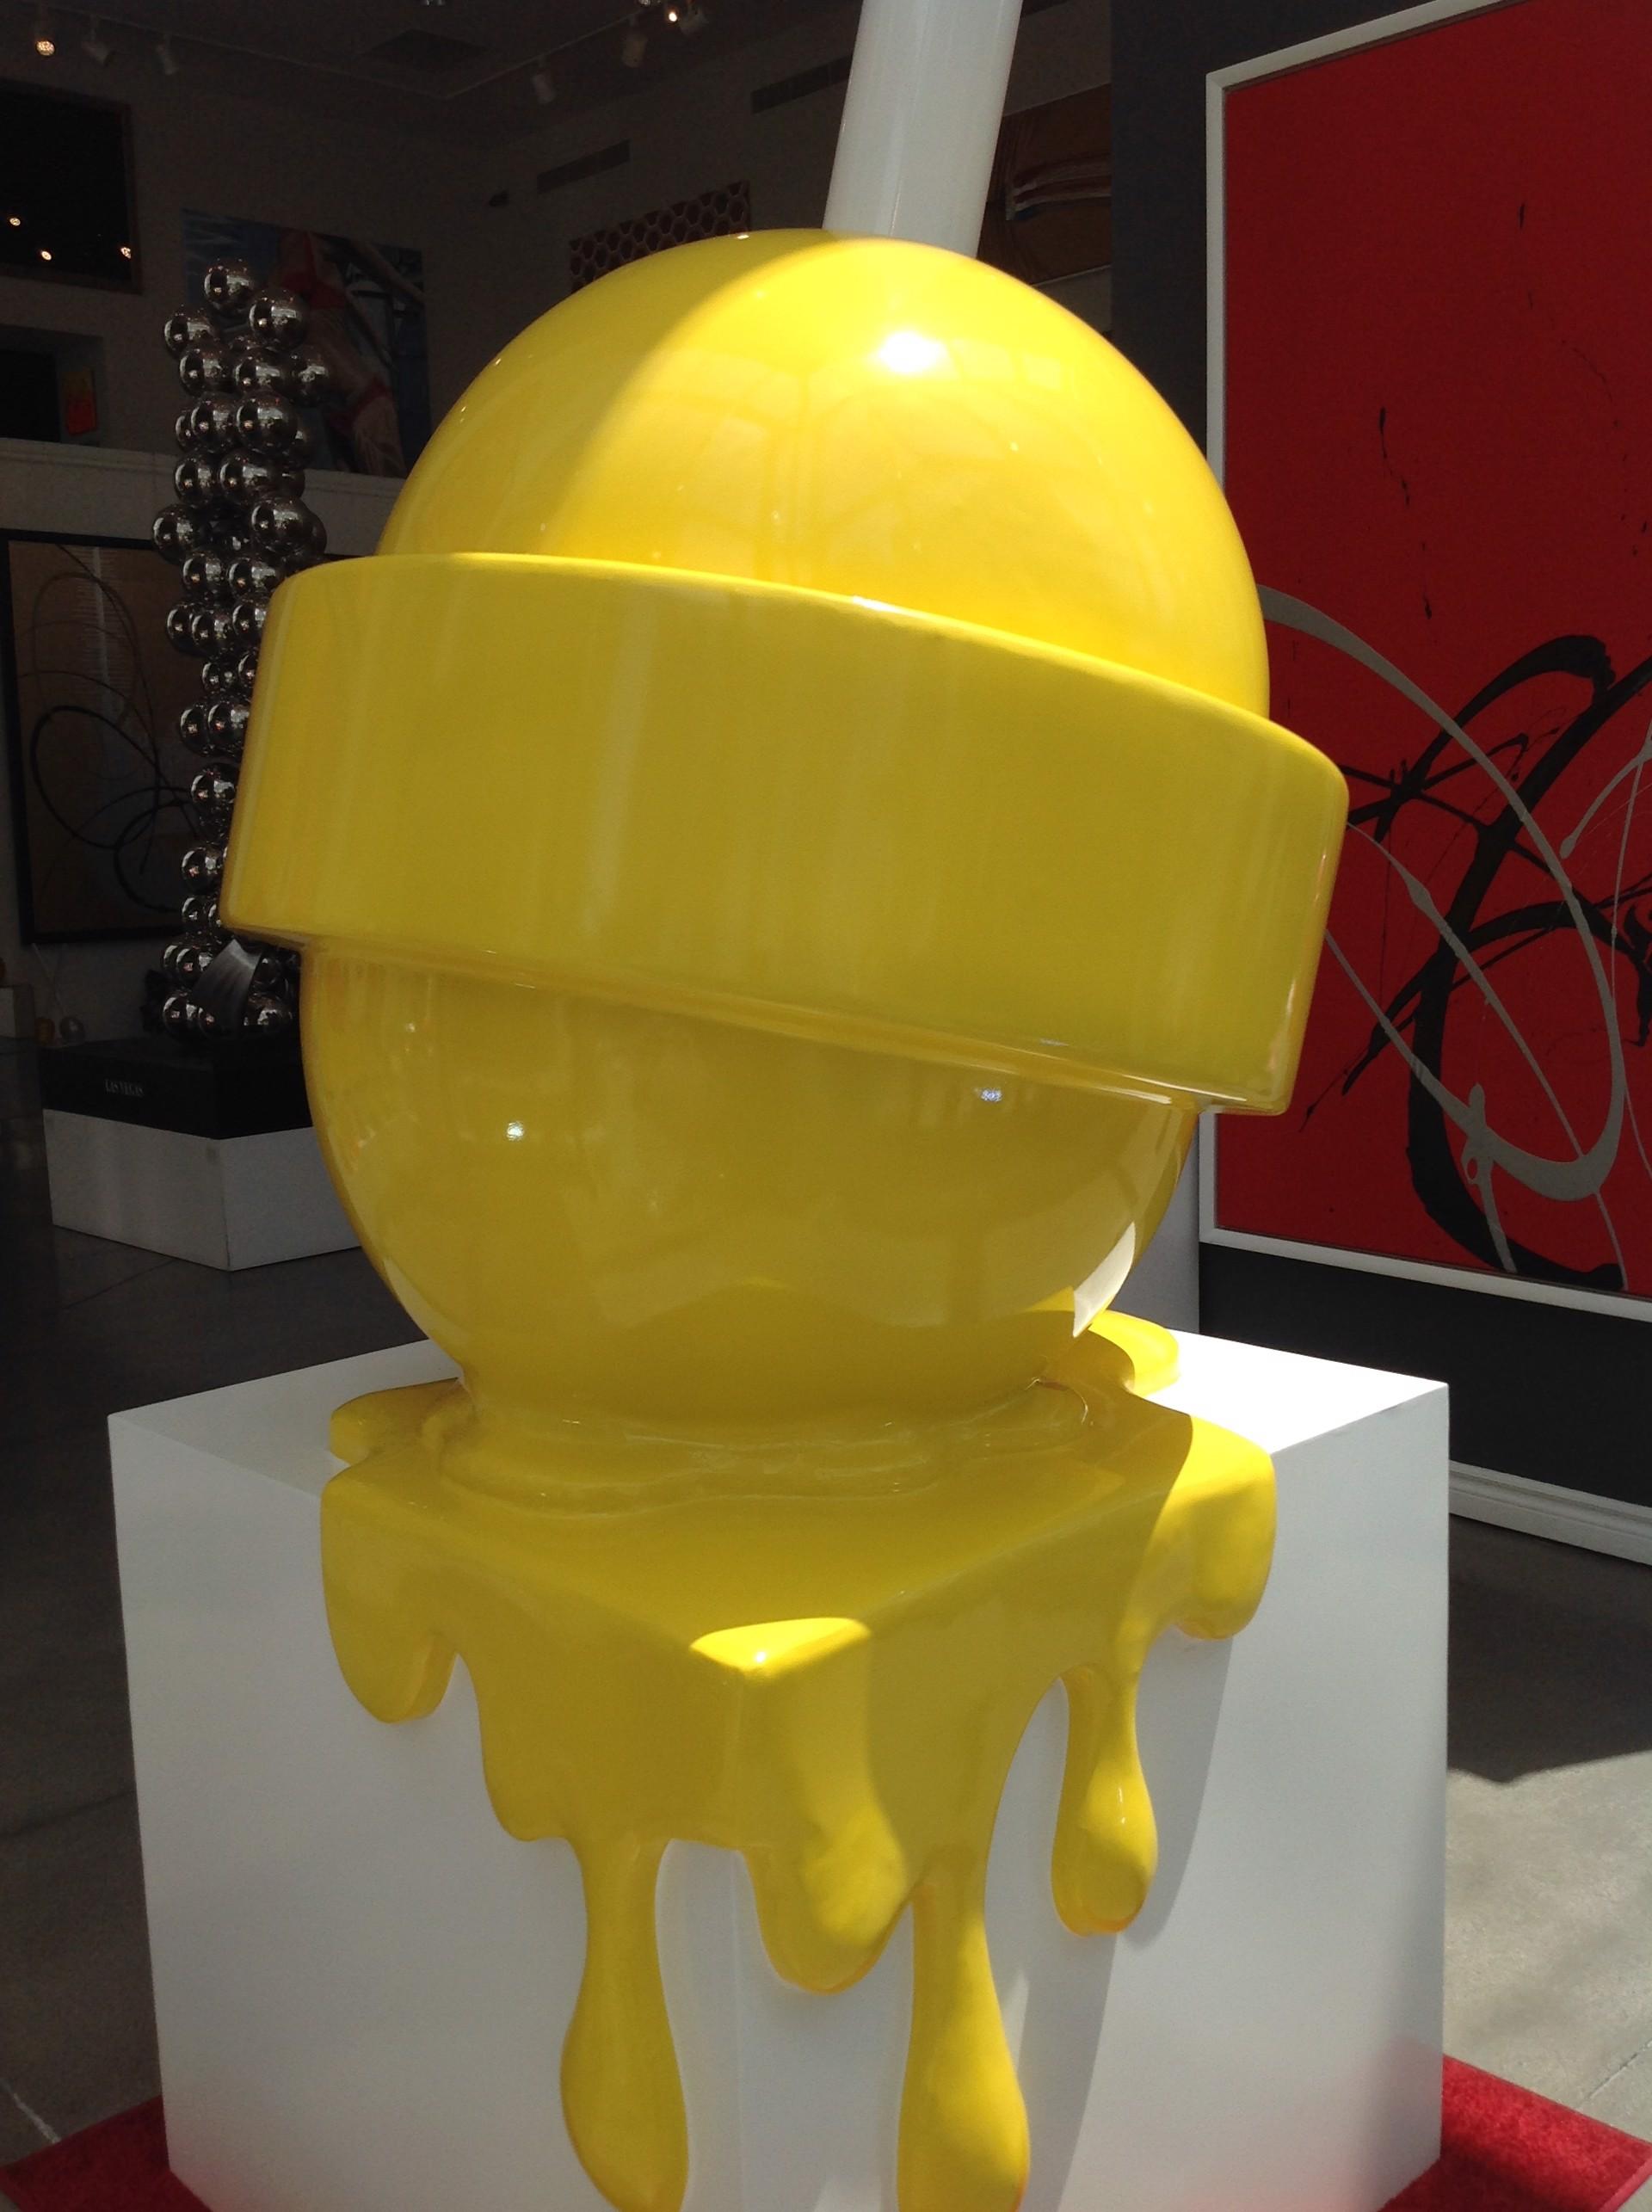 The Sweet Life Lollipop Giant Yellow by Elena Bulatova